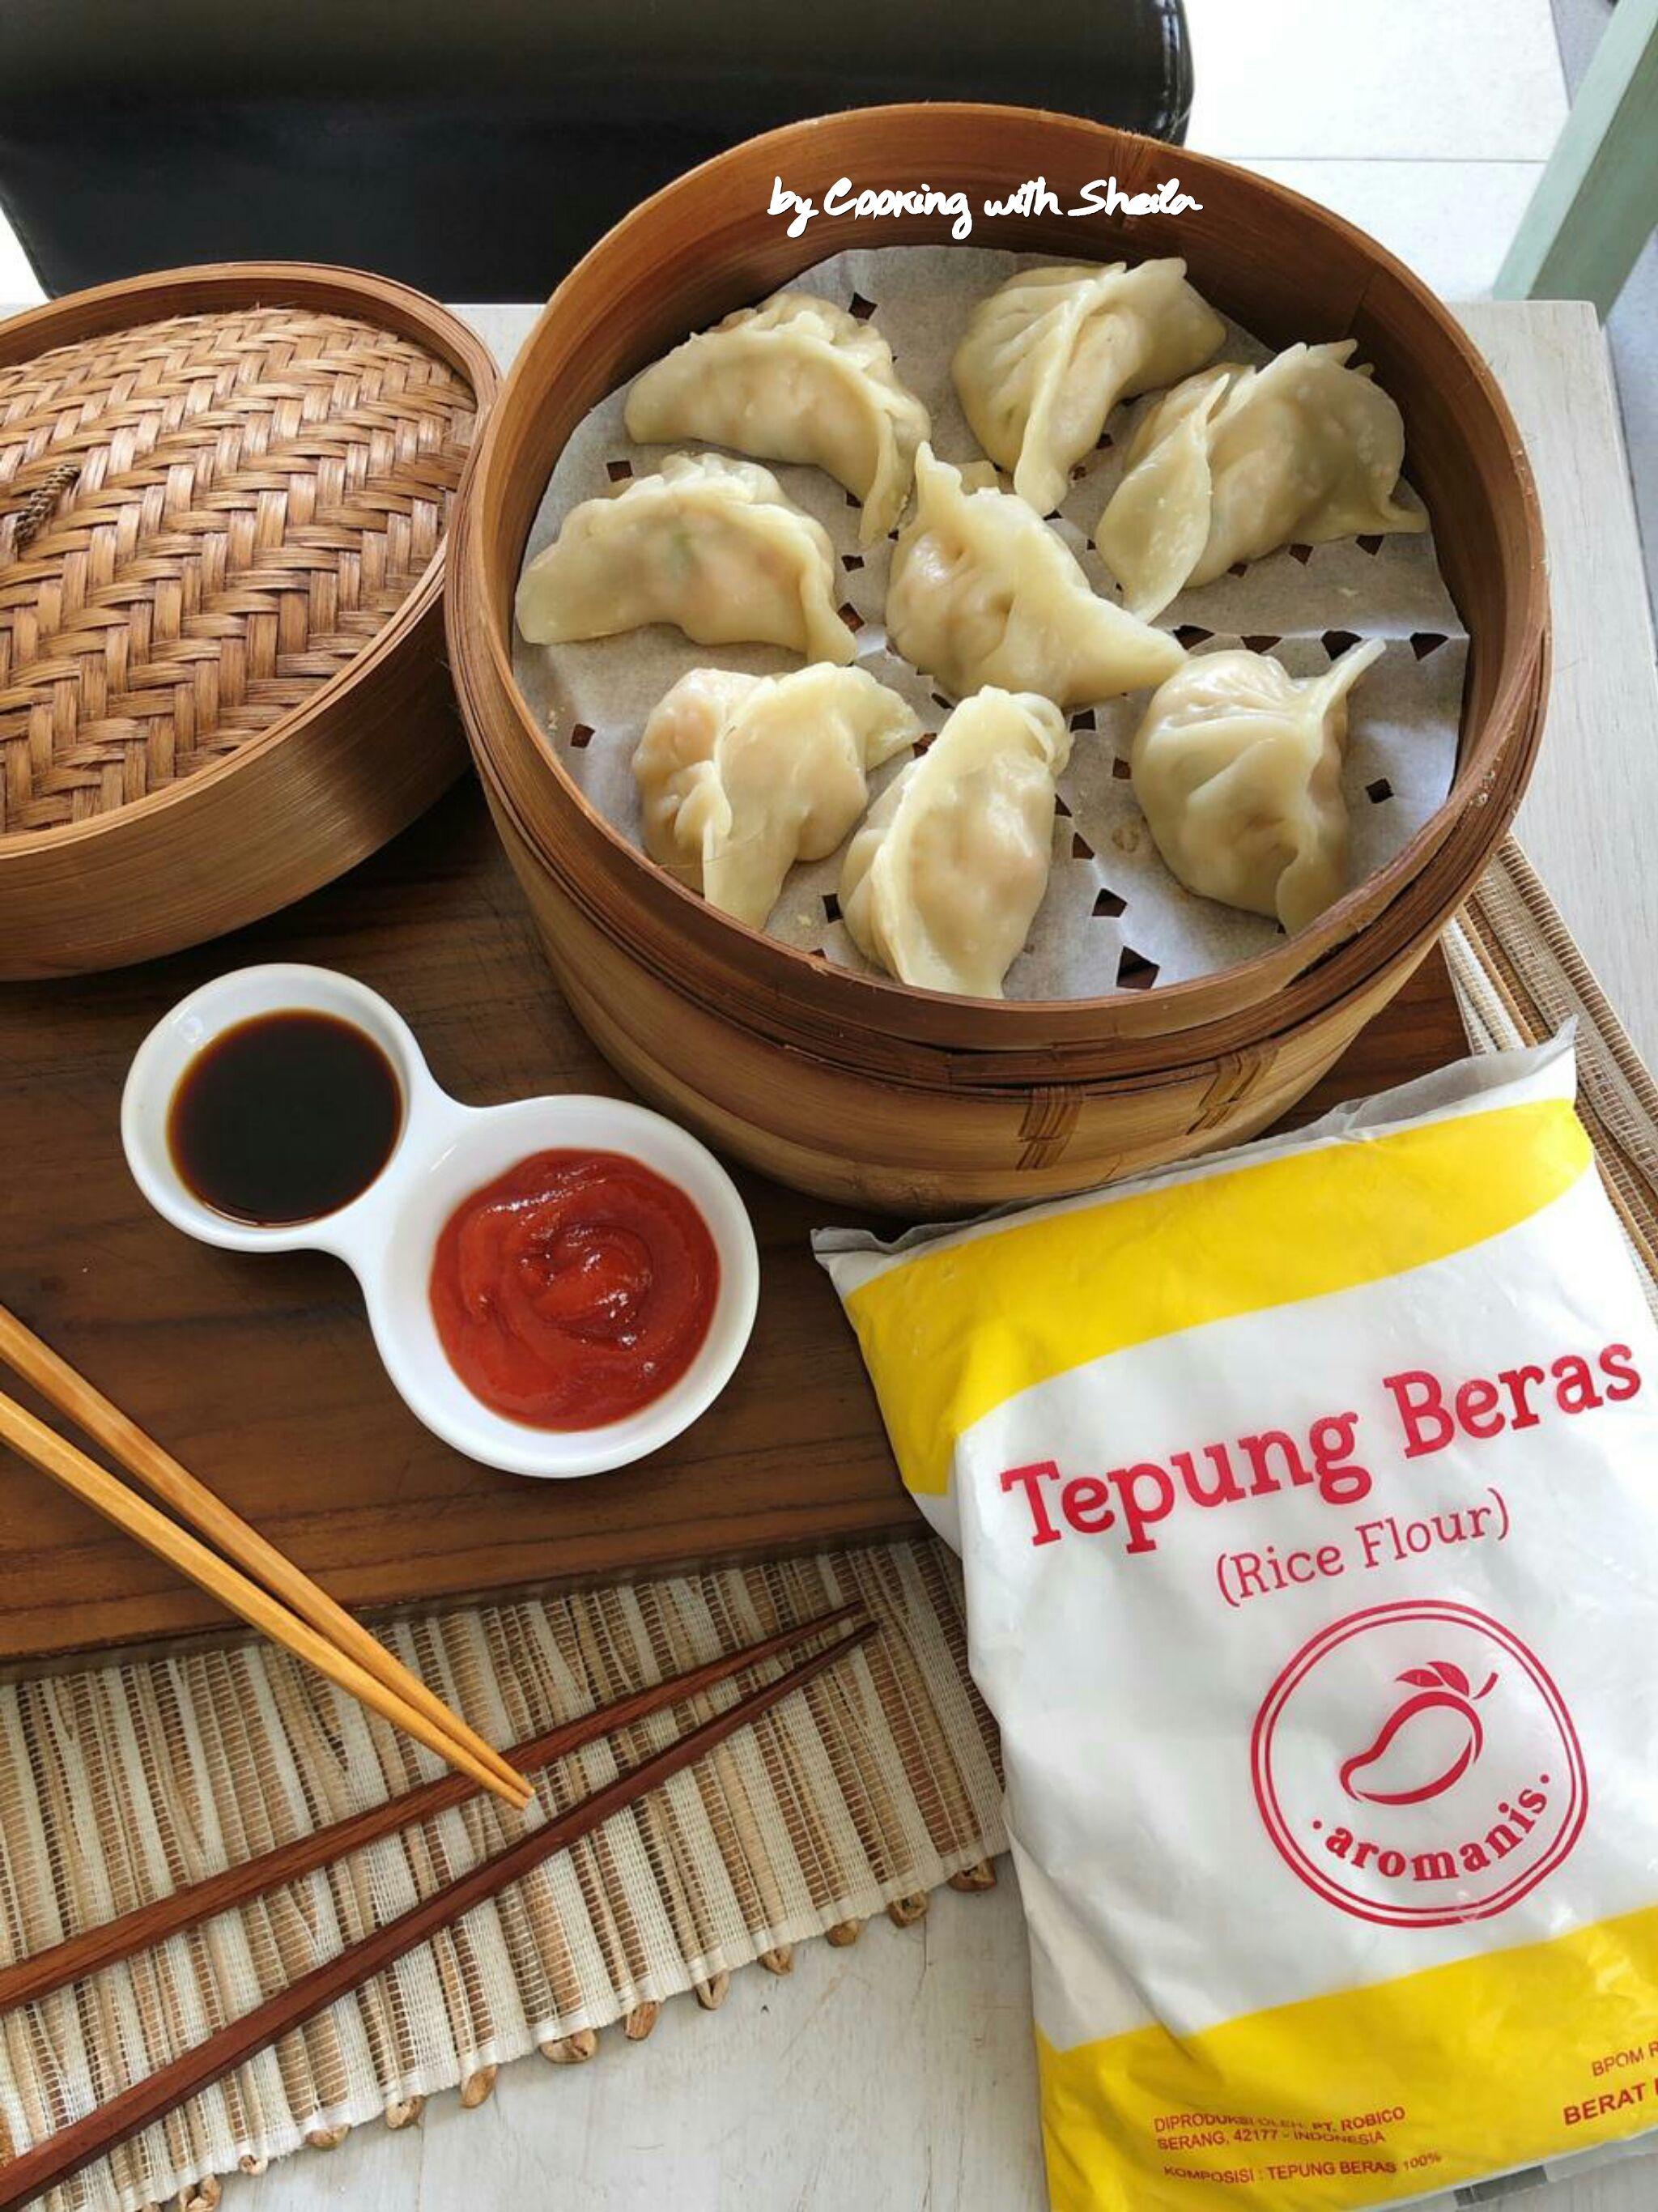 Dumpling Udang Kreasi Untuk Tepung Beras Aromanis Cooking With Sheila Resep Saus Sambal Pangsit